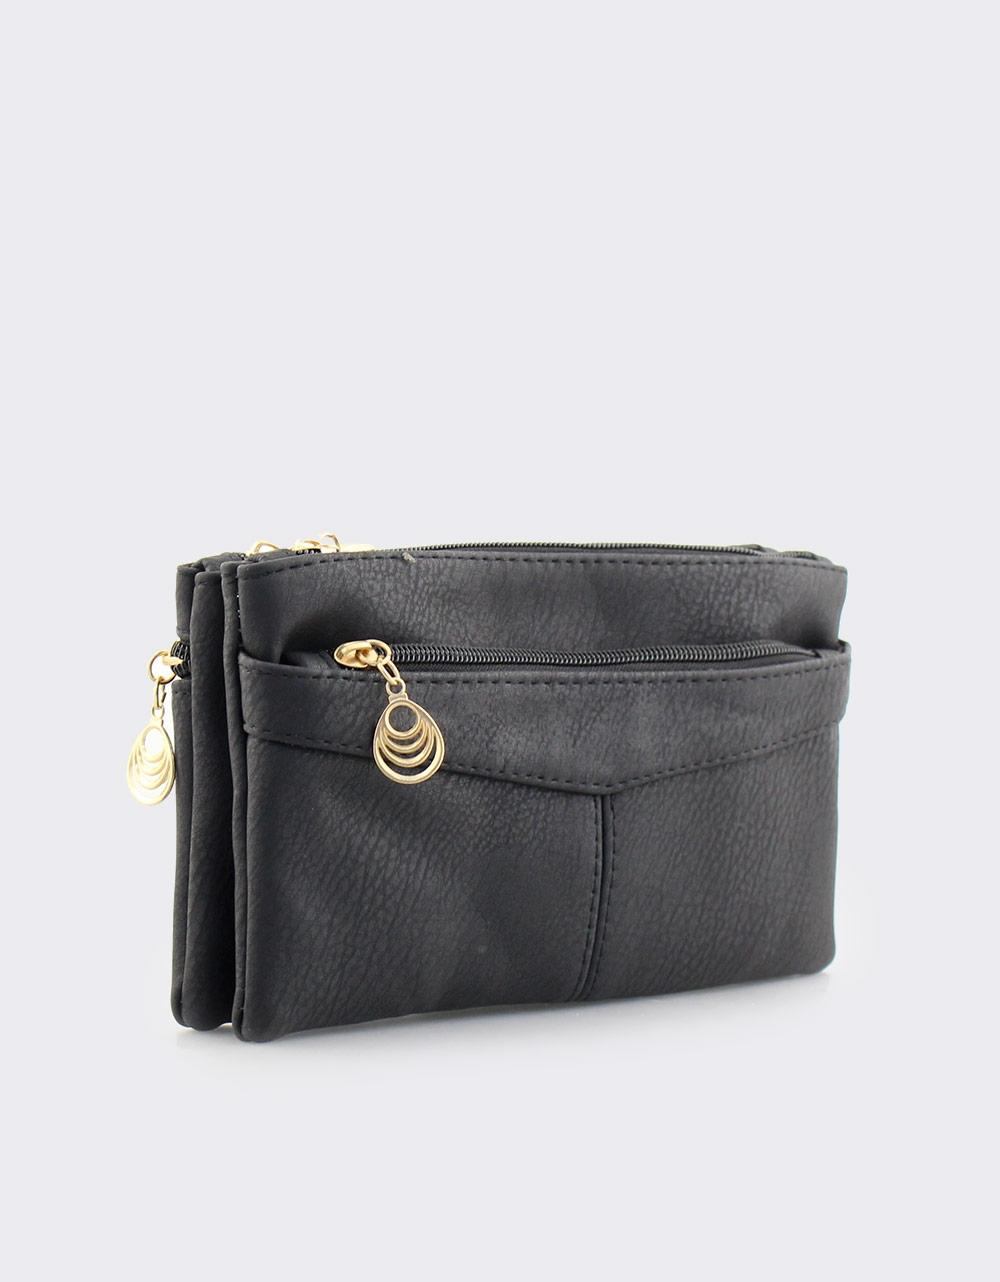 Εικόνα από Γυναικεία πορτοφόλια με διακοσμητικό στο φερμουάρ Μαύρο